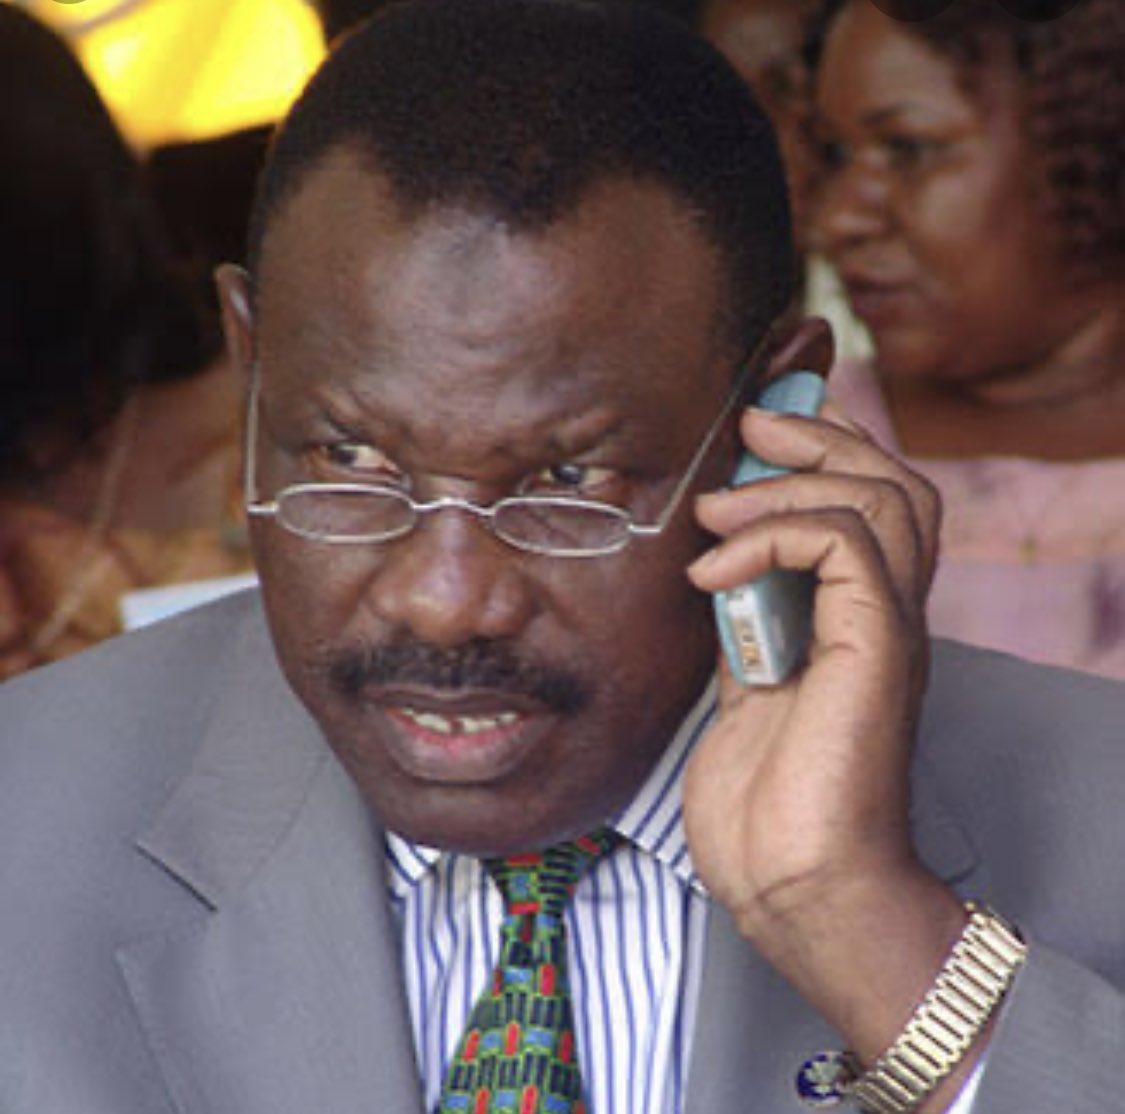 Just in: Former Kampala capital city Mayor Al Hajji Nasser Ntege Ssebagala is dead. Details on @nbstv https://t.co/rX3nJjkYhD